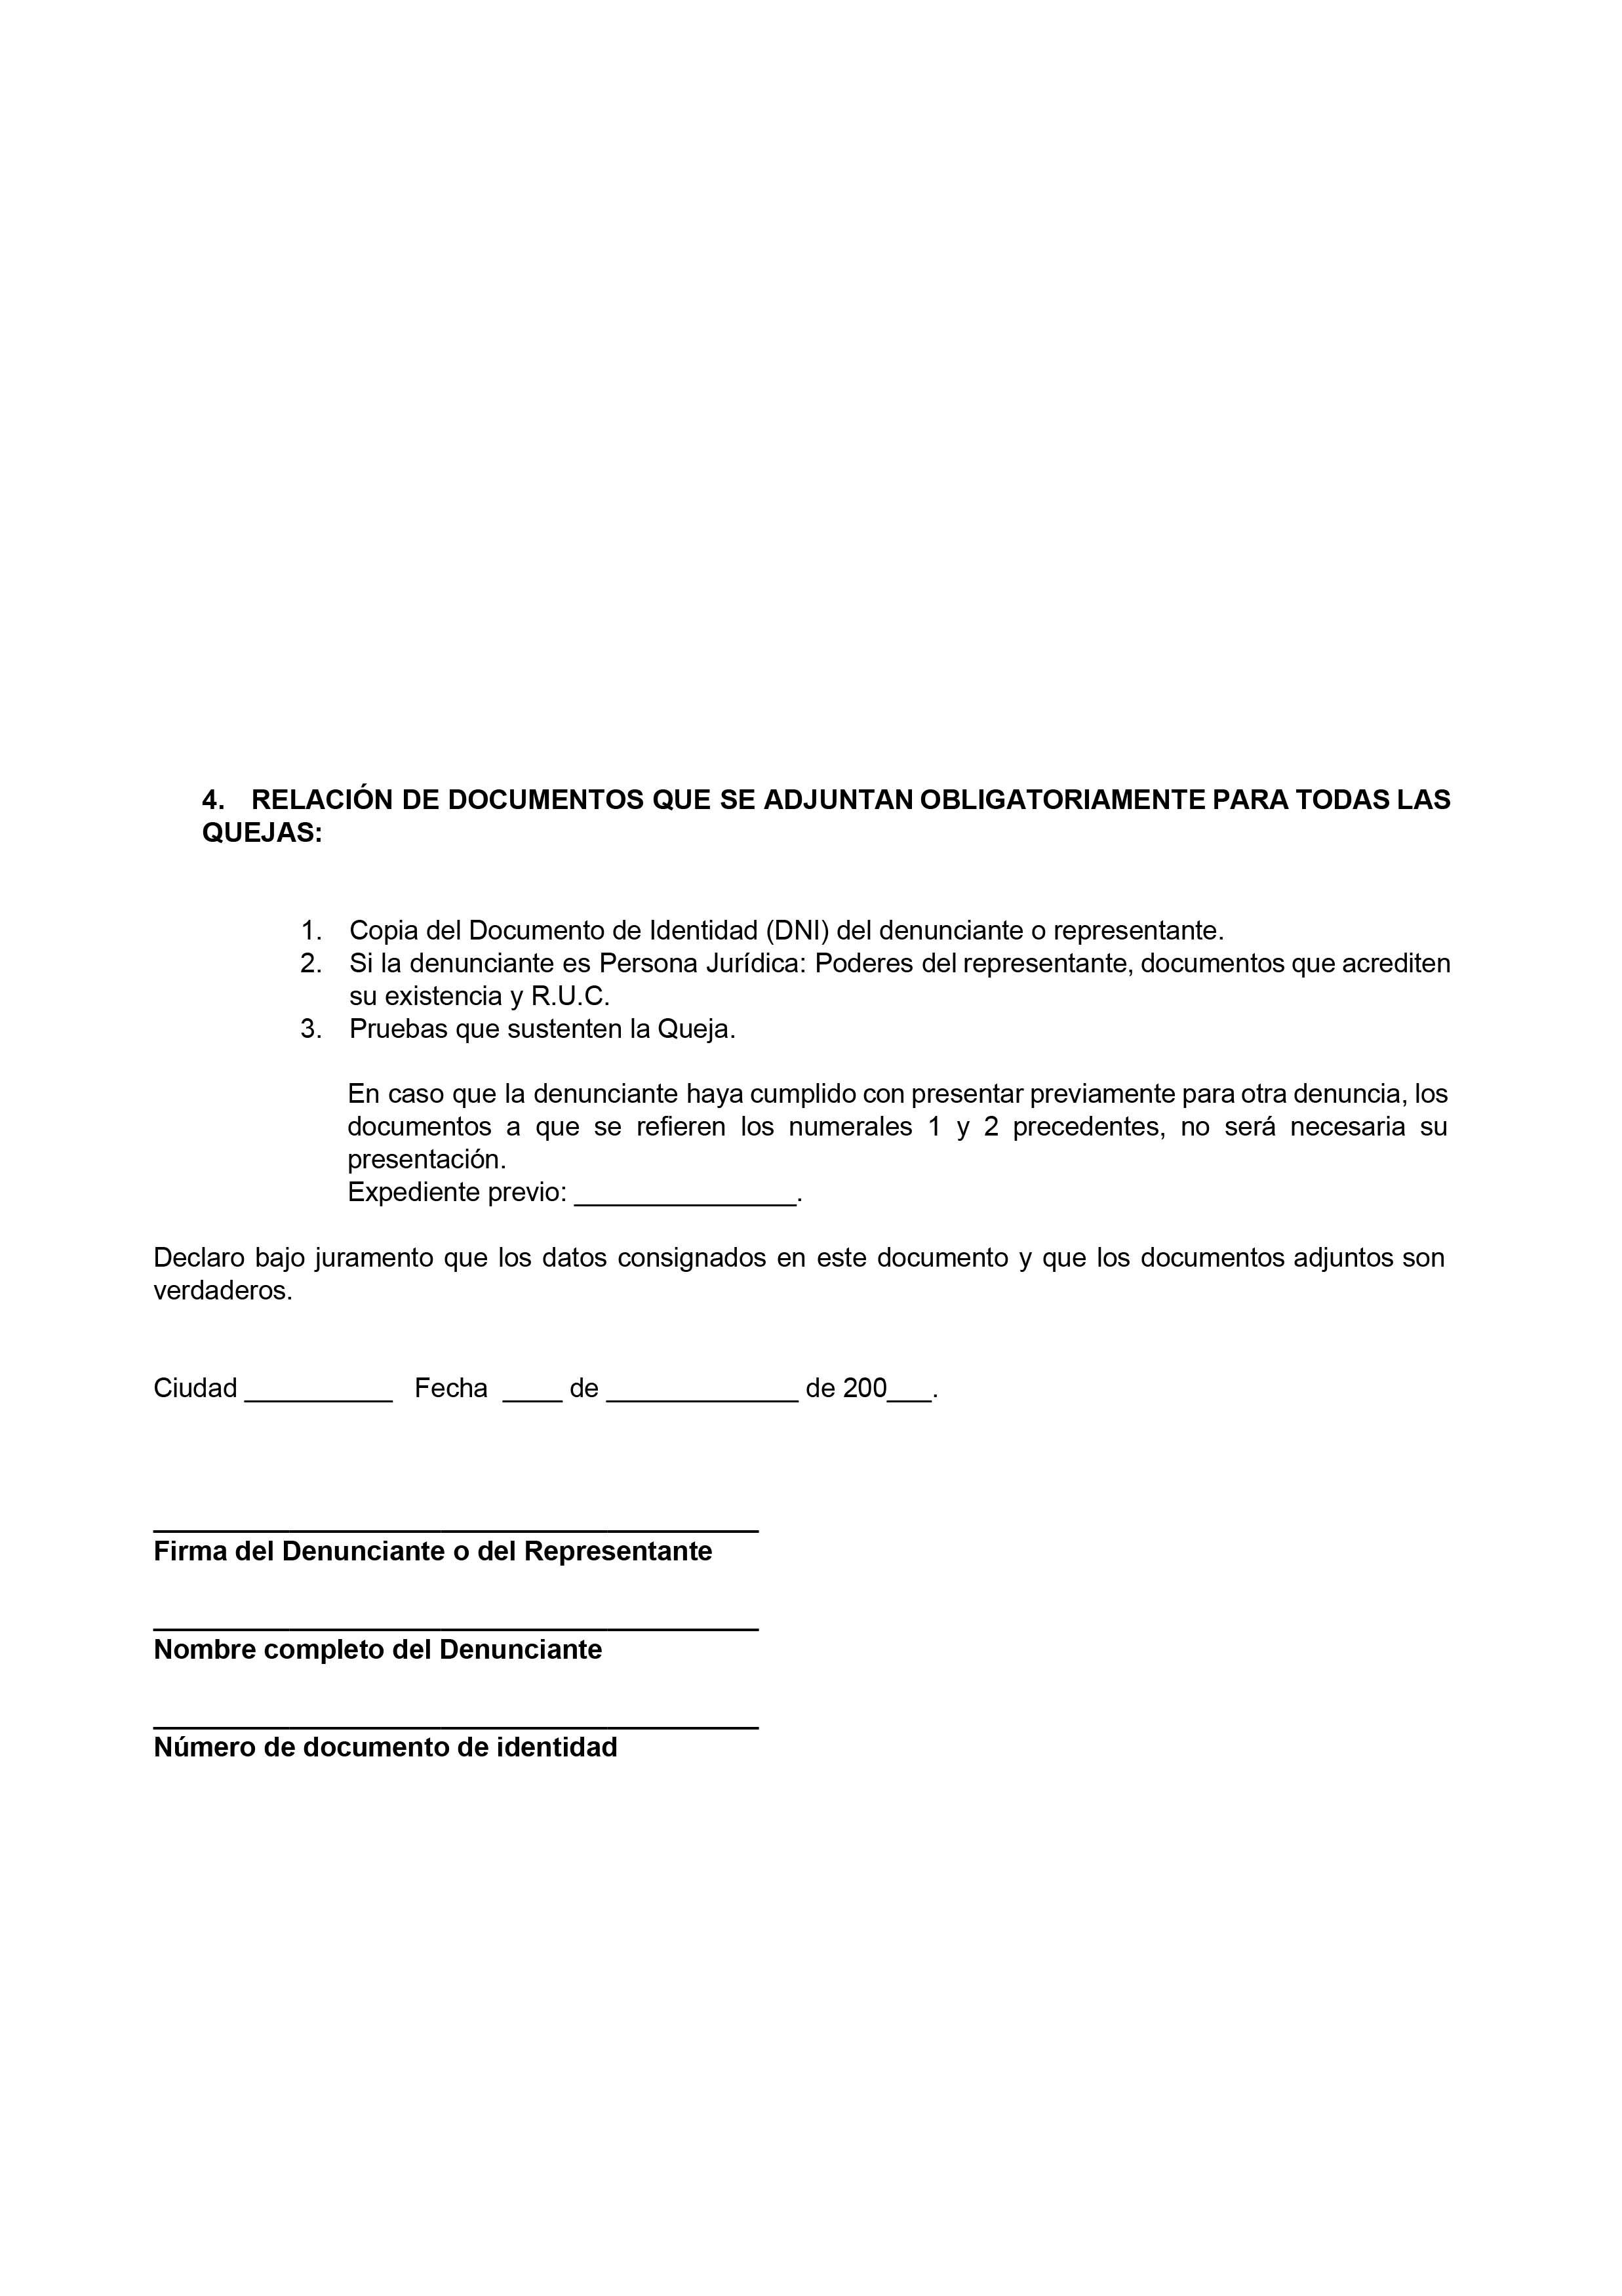 formato-queja-SNRTV.doc-2